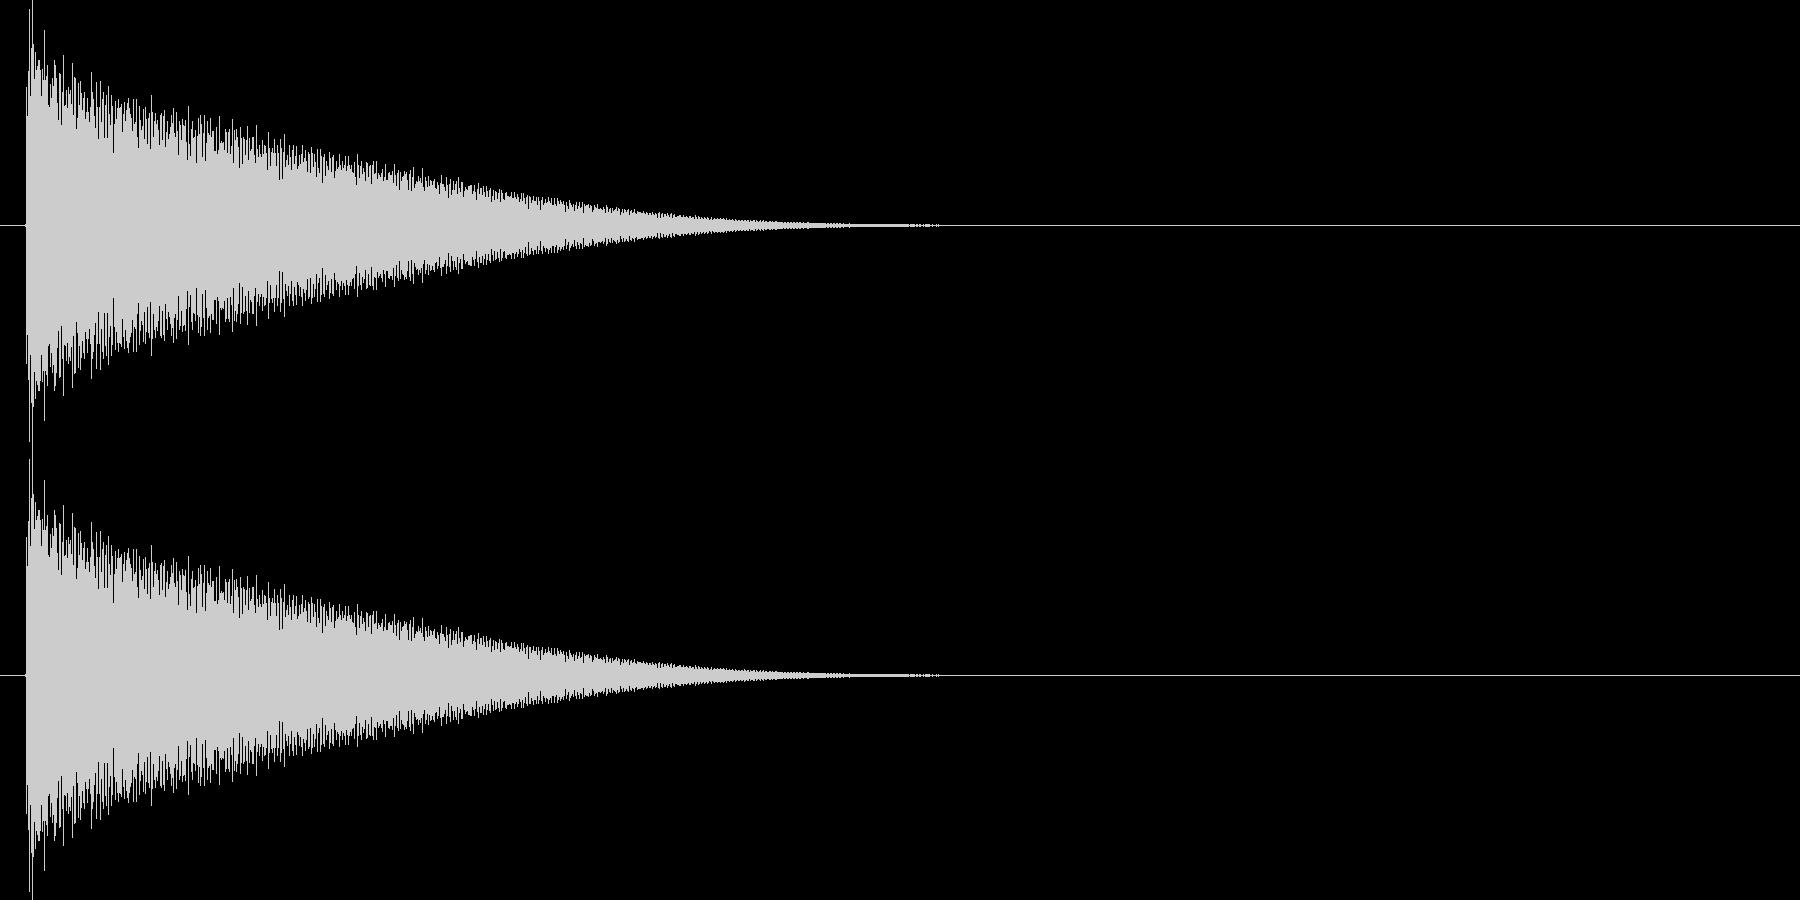 カキーンと何かが遠く飛んでいくような音の未再生の波形